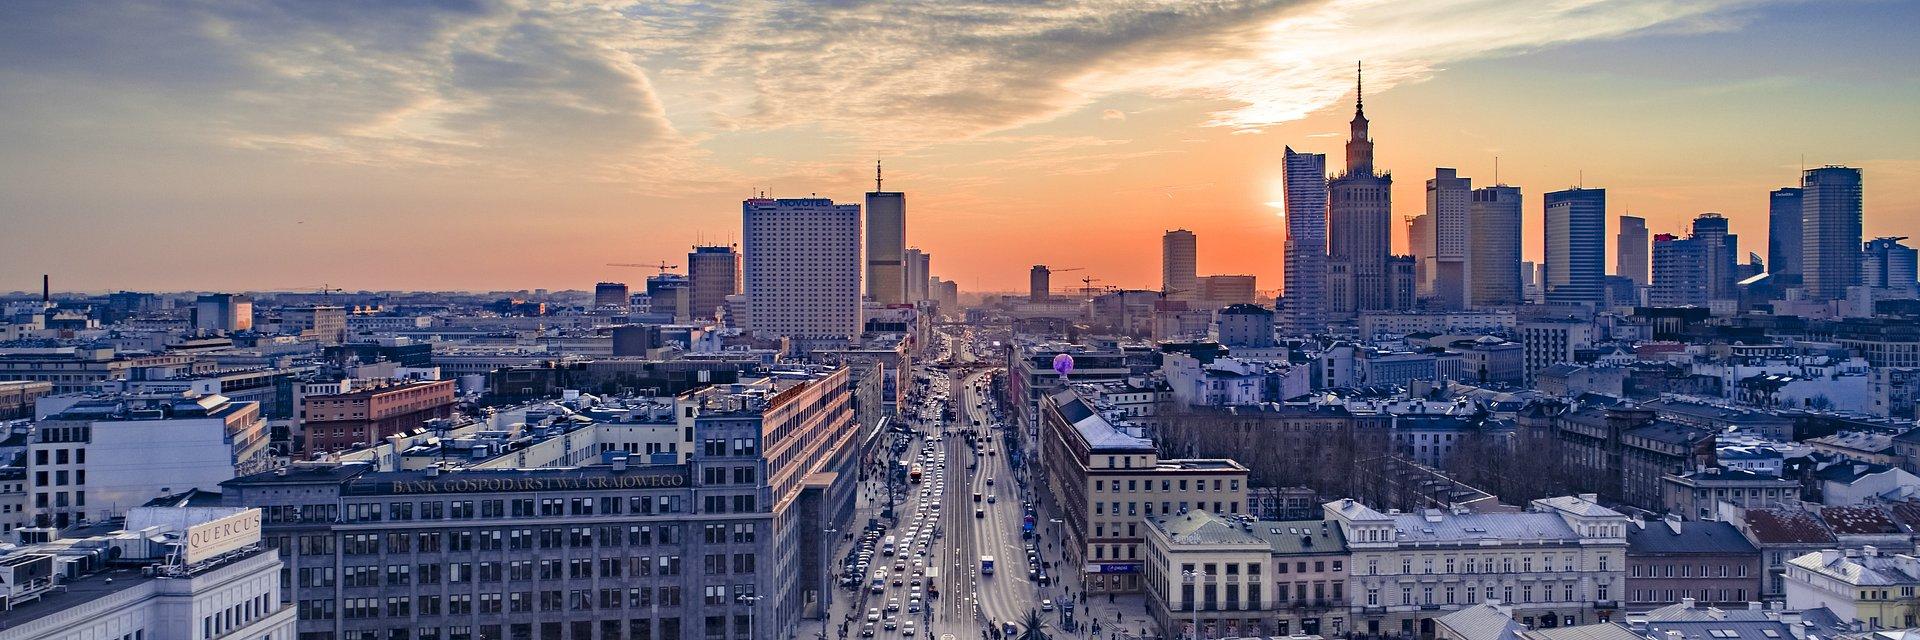 Rekord wszechczasów w sektorze inwestycyjnym na polskim rynku. Kapitał napływa z wielu stron świata